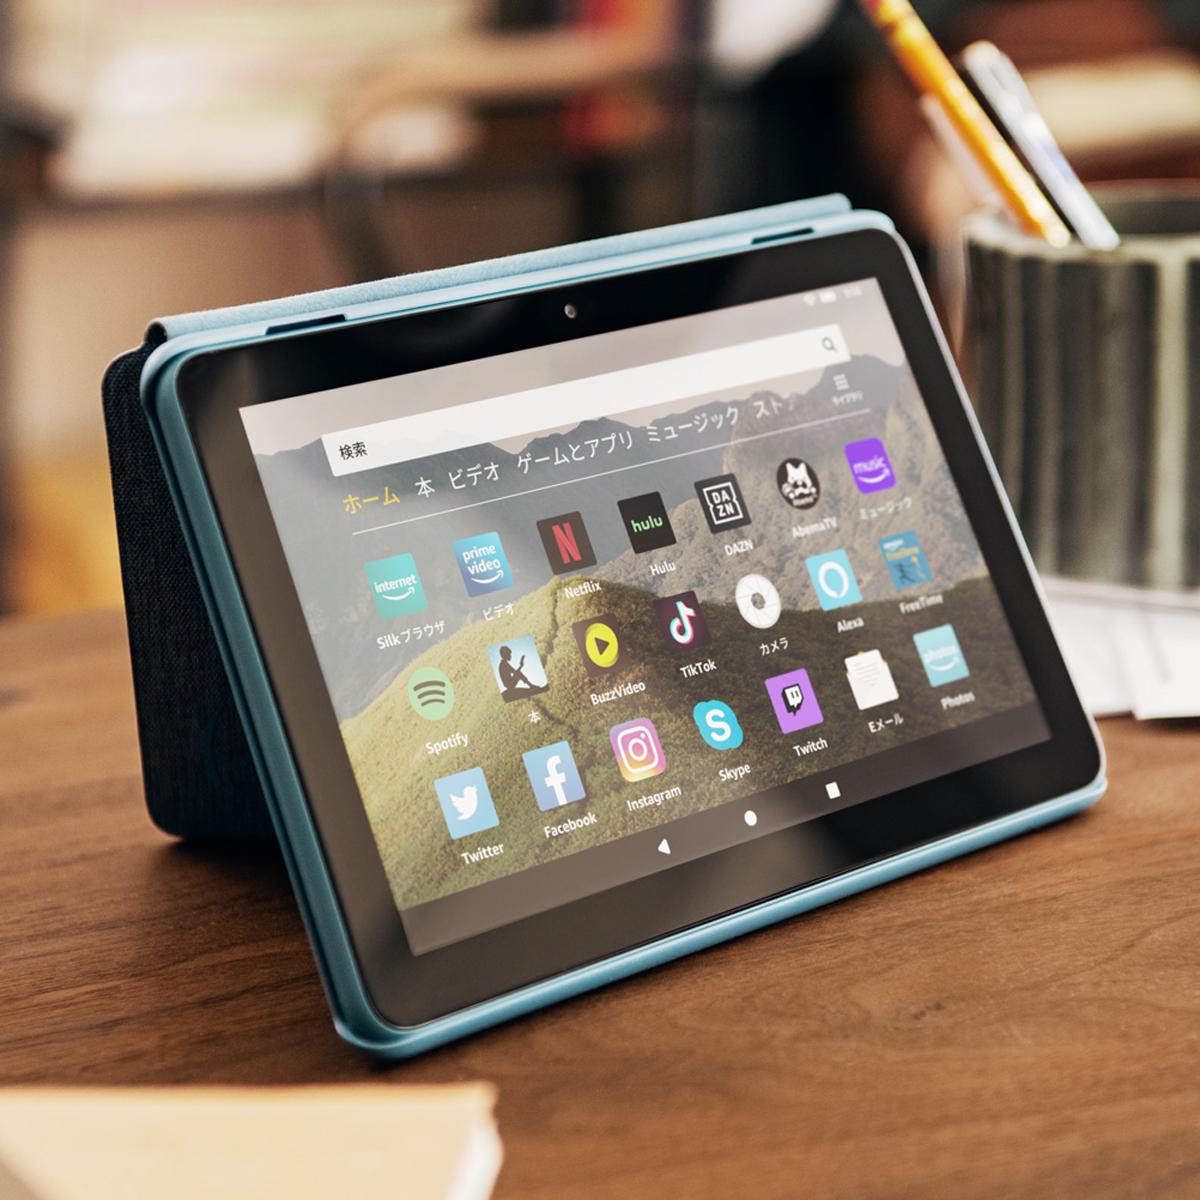 Amazon Fire HD 8 2020年モデル発表! CPU/メモリー/ストレージ/液晶のすべてがパワーアップ